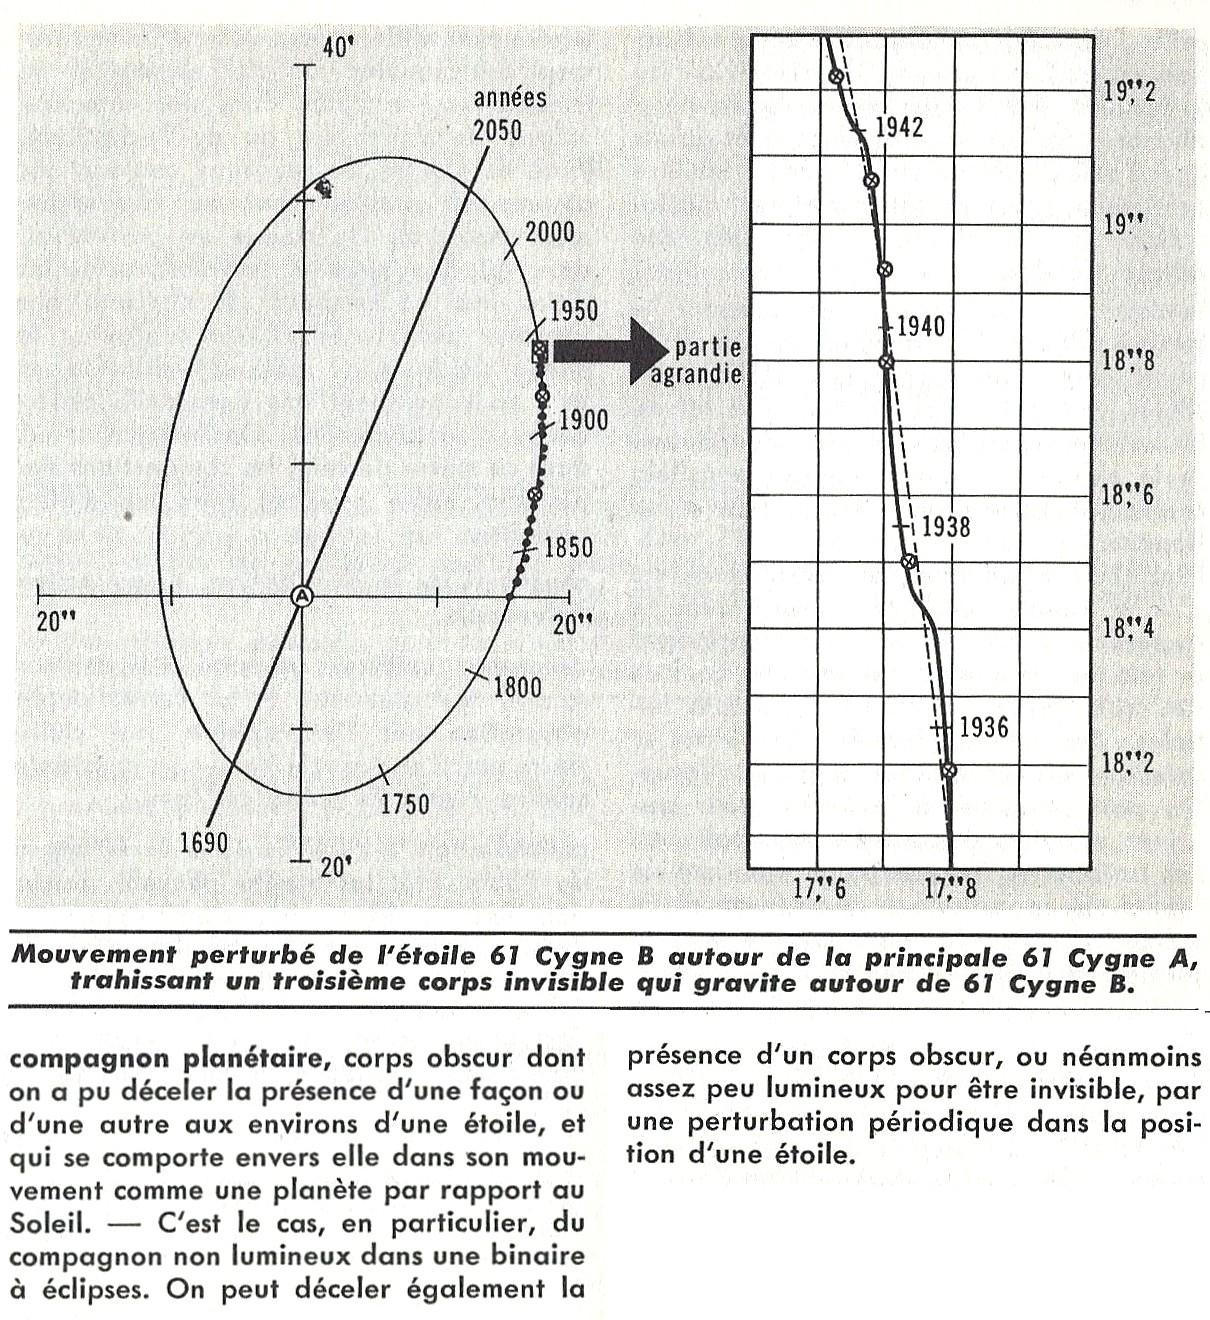 5c06cc23869da_61CygneC_dictionnaire-de-lastronomie_Larousse_1966_ASF.JPG.99ac111d3b79b6606a07084e9421921d.JPG